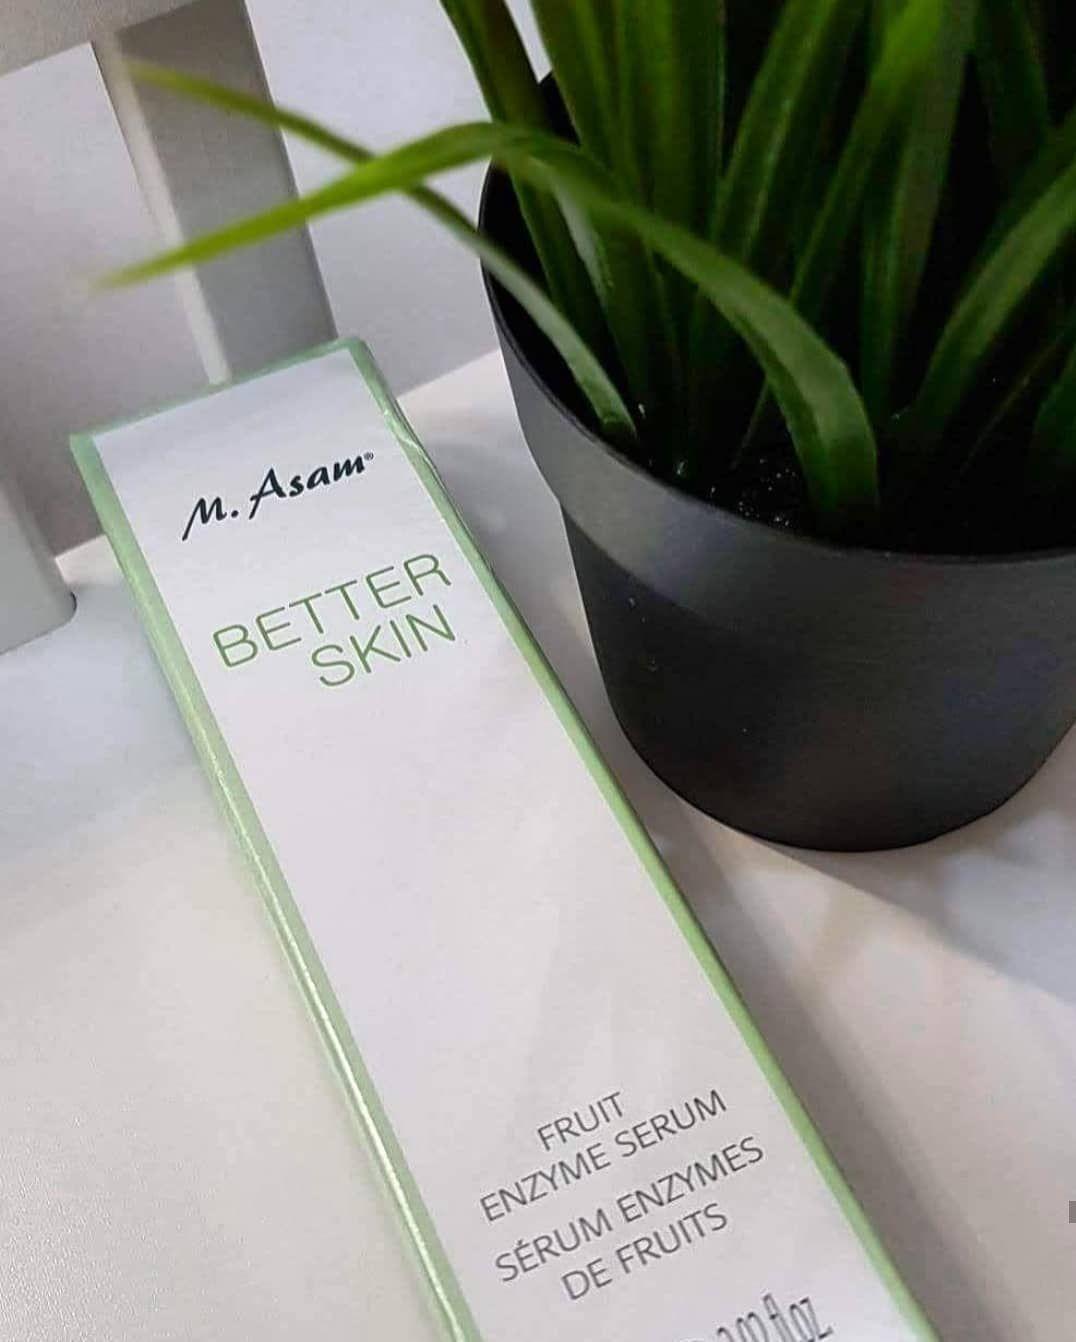 ما تخيلوووون روووعة نتايج و مفعول سيرم أحماض الفواكه هذا خياااال ينقل البشرة إلى مستوى اااخر مرحلة جديدة من ح Better Skin Skin Care Cards Against Humanity